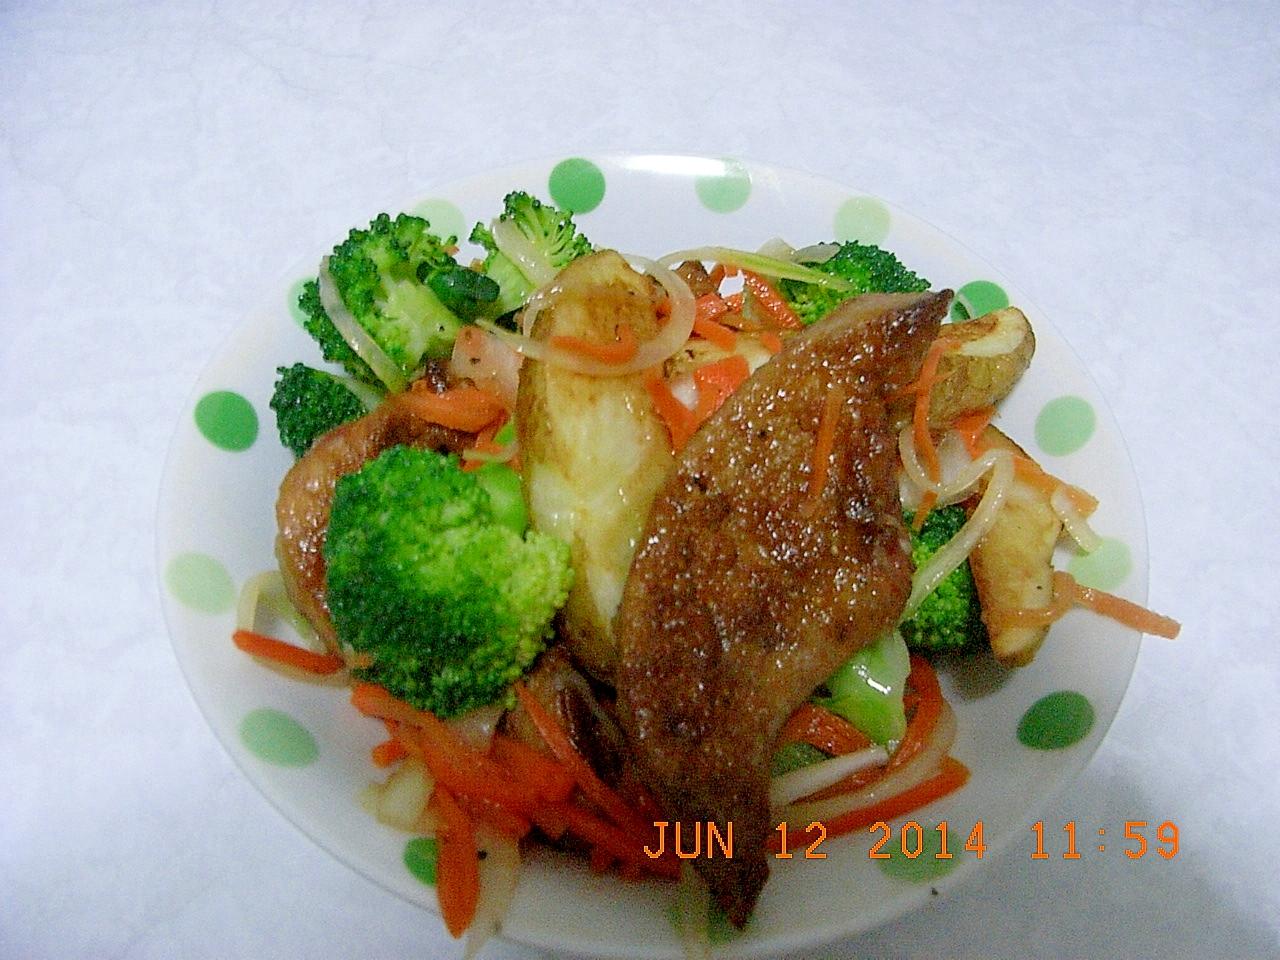 ボリューム満点☆豚レバーと野菜のサラダ